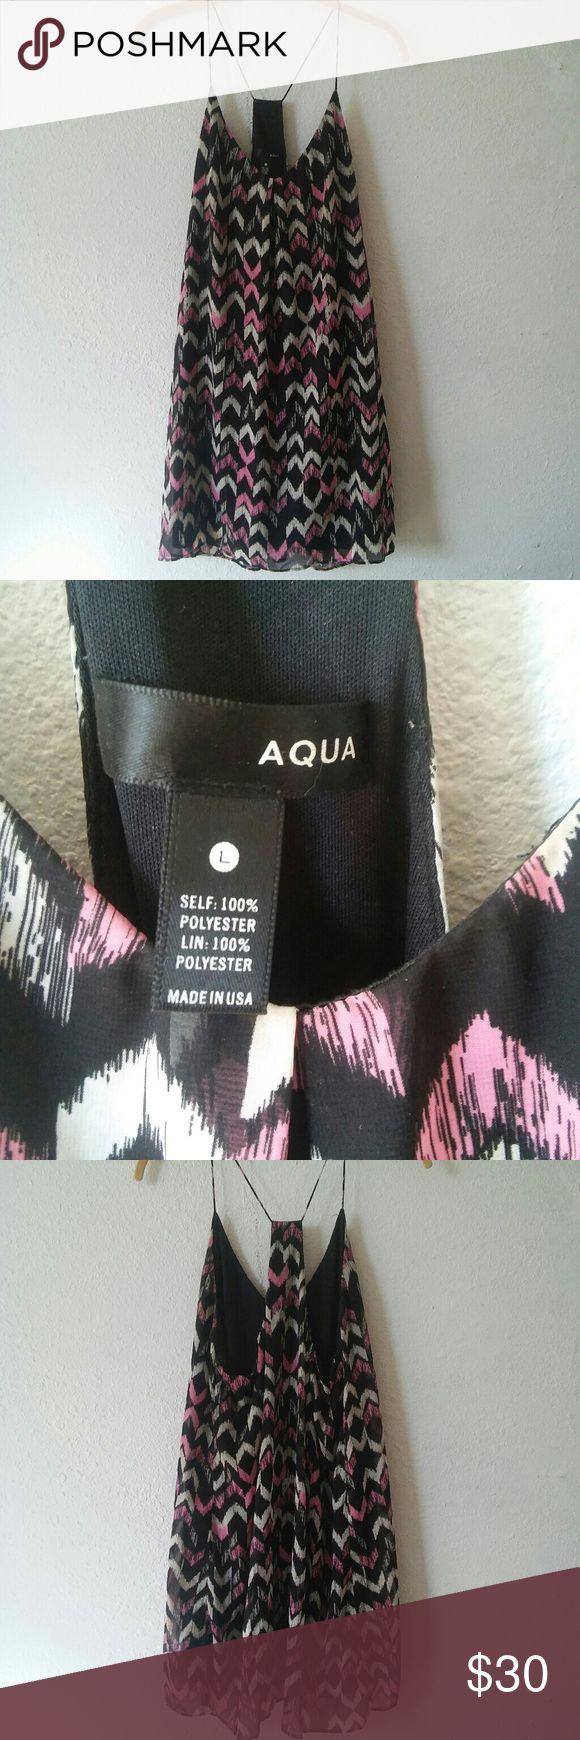 🆕 Aqua Chevron Top Pink, beige, and black racerback top * Brand Aqua * Size L * In excellent condition * Offers accepted! Aqua Tops Tank Tops